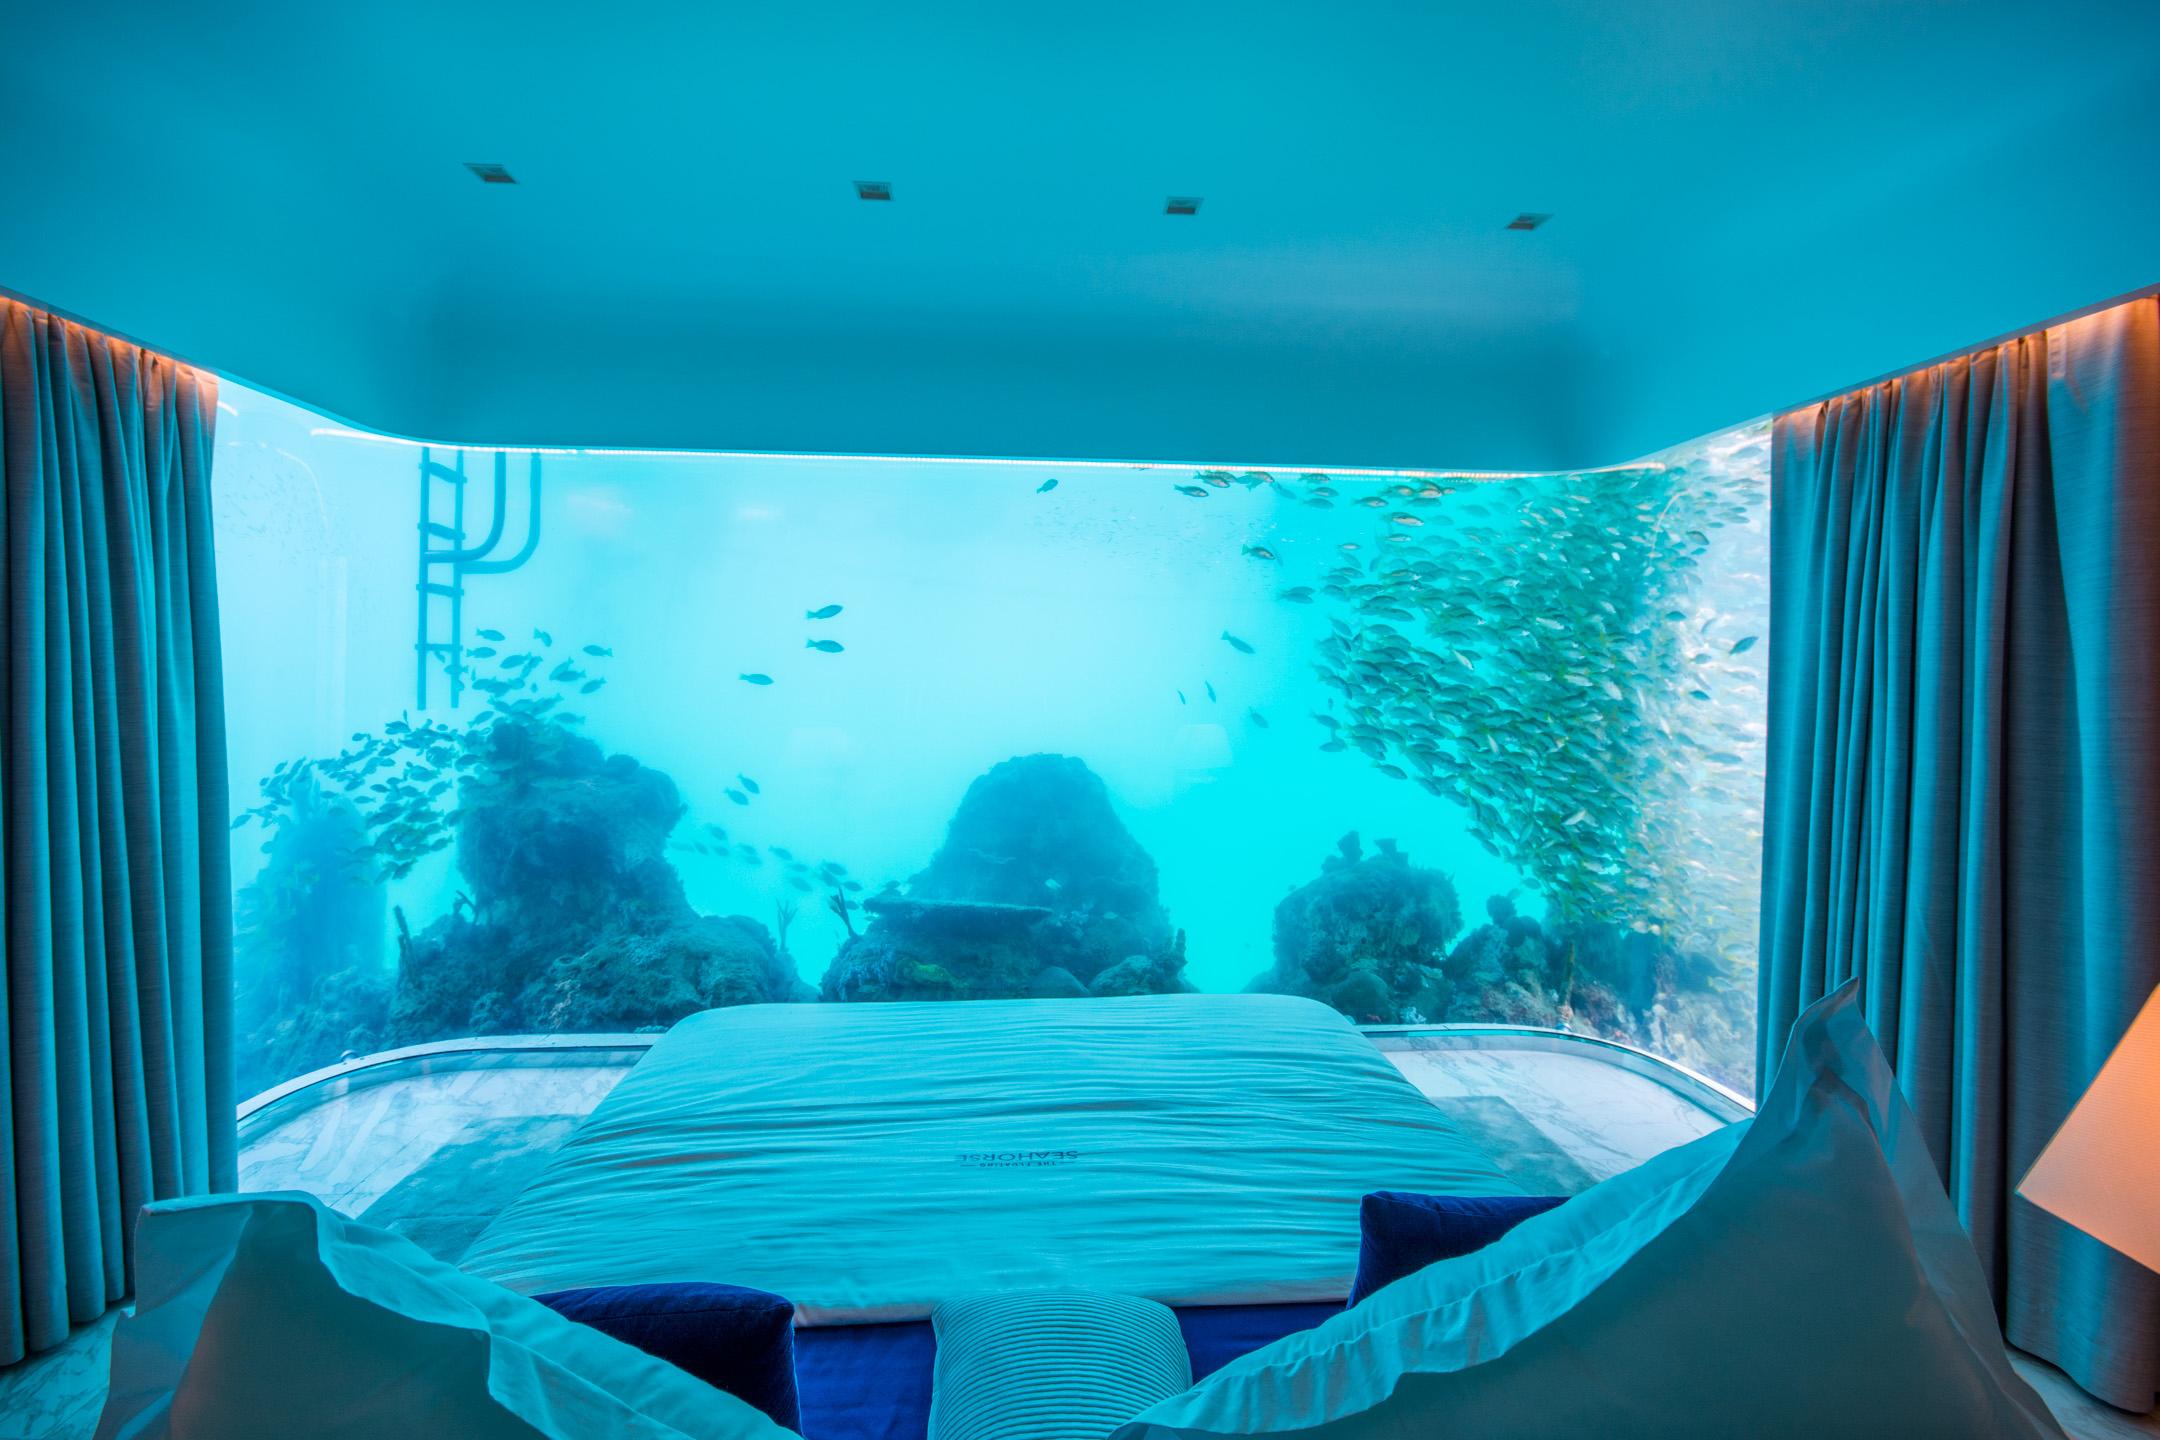 Des maisons moiti sous l eau voient le jour duba Imagenes de hoteles bajo el agua